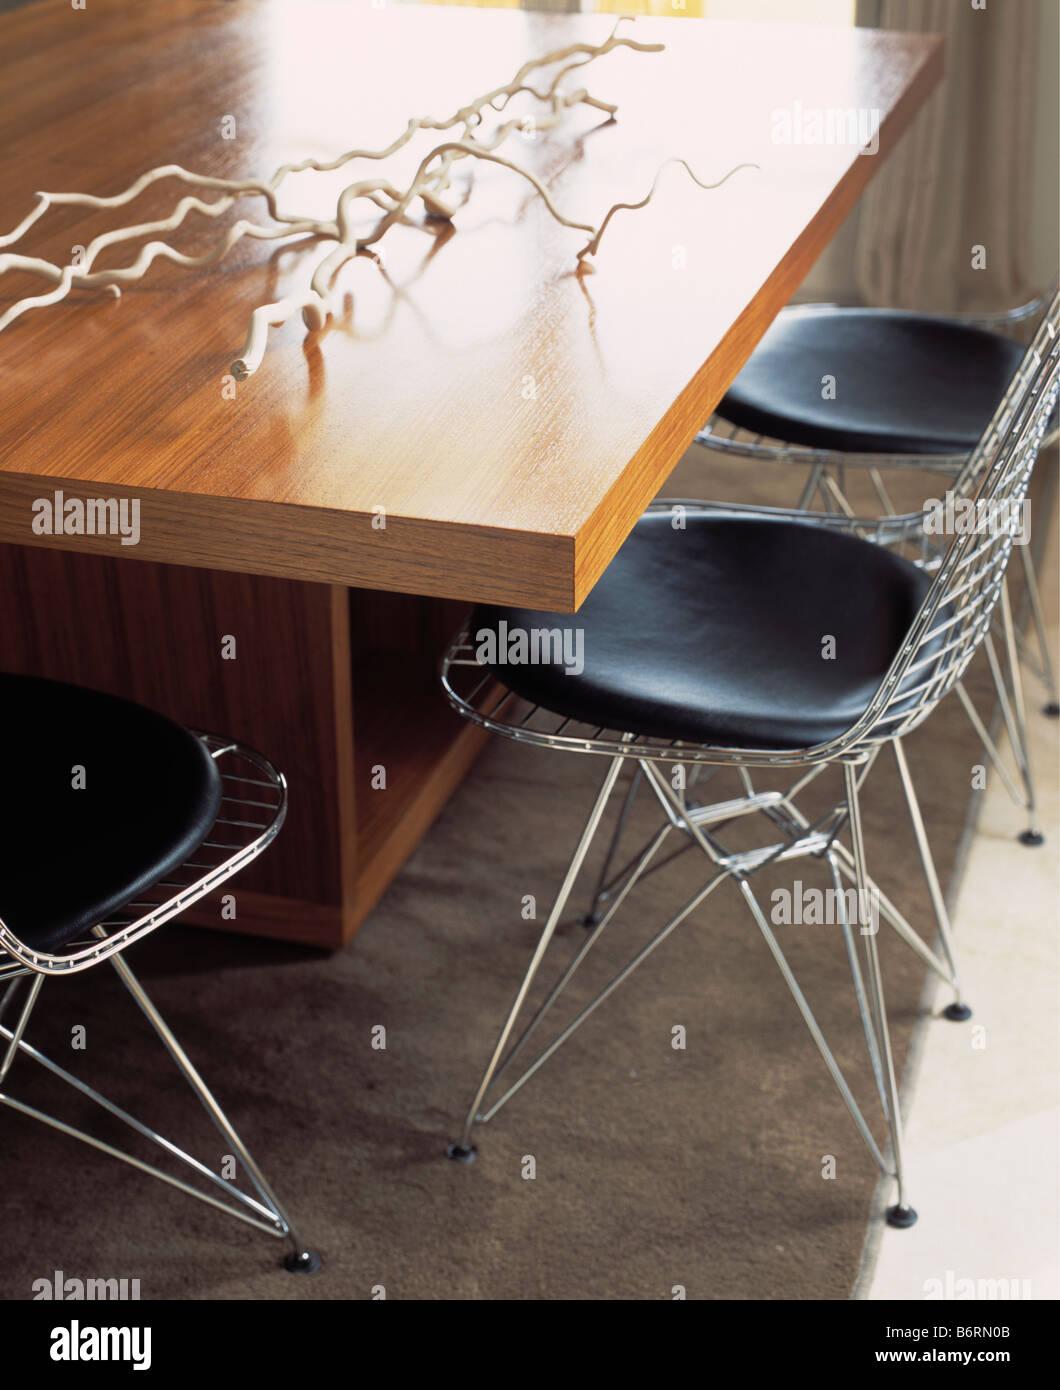 nahaufnahme von gerahmten metallsthlen mit schwarzen sitzen an modernen esstisch stockbild - Esstisch Mit Bankettbestuhlung